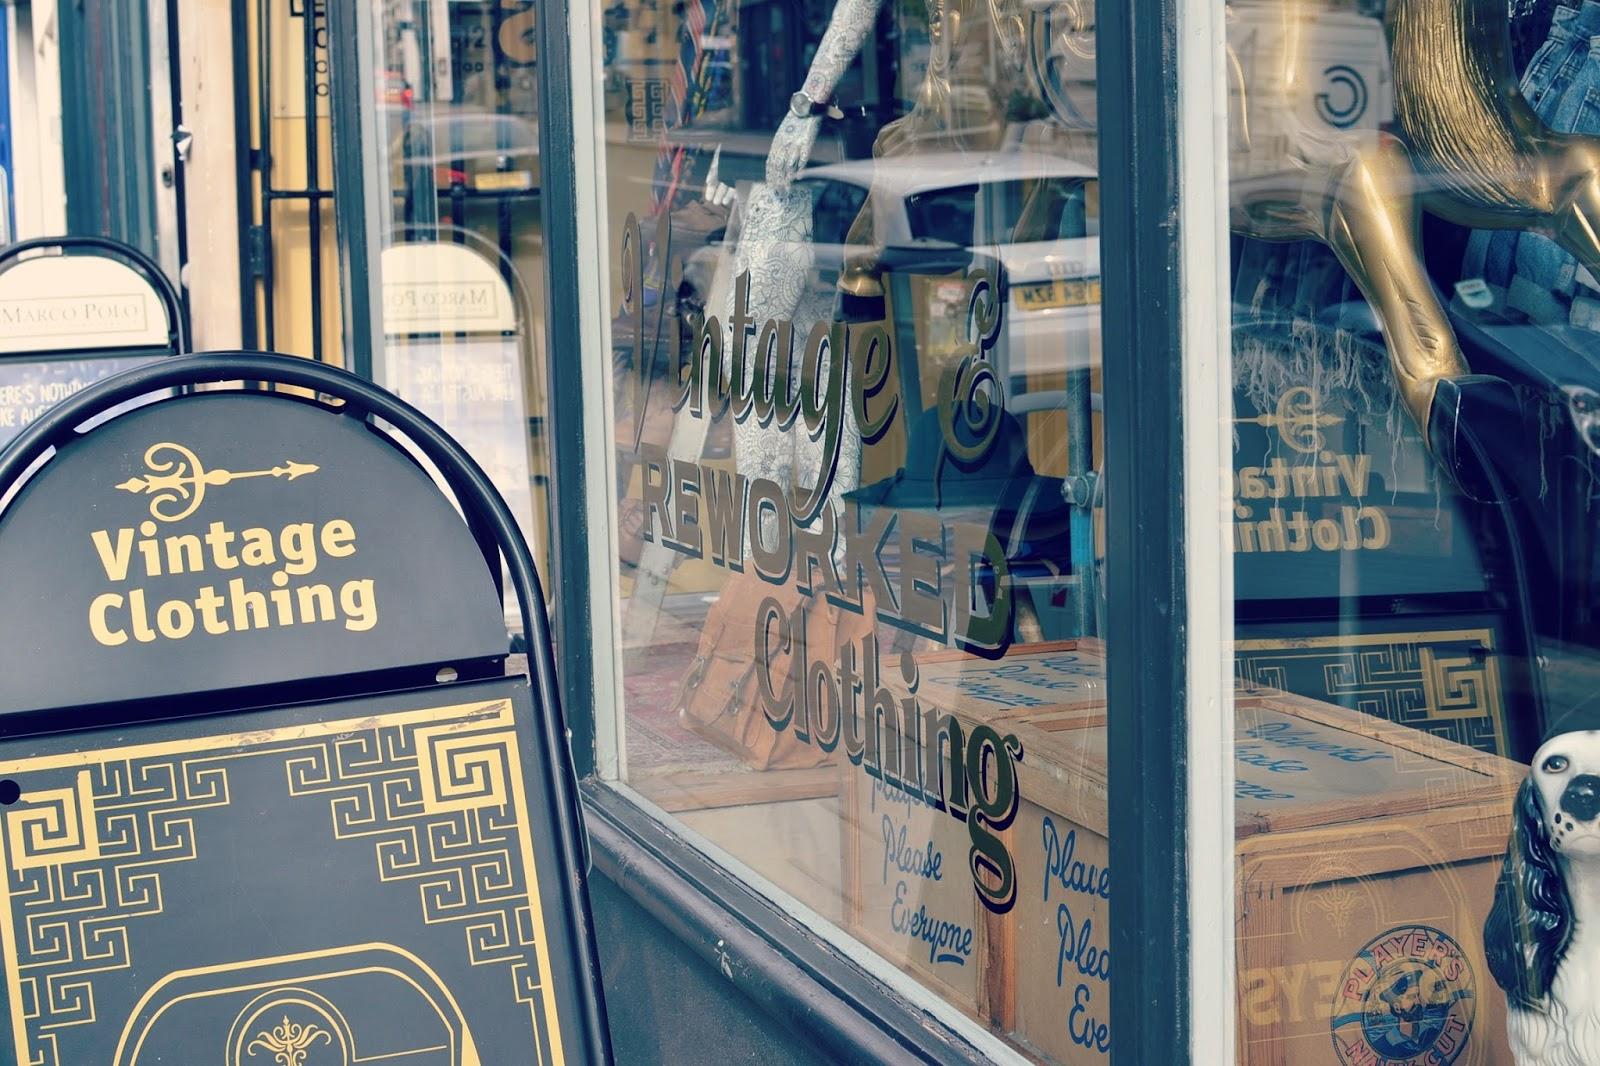 sobeys vintage signage